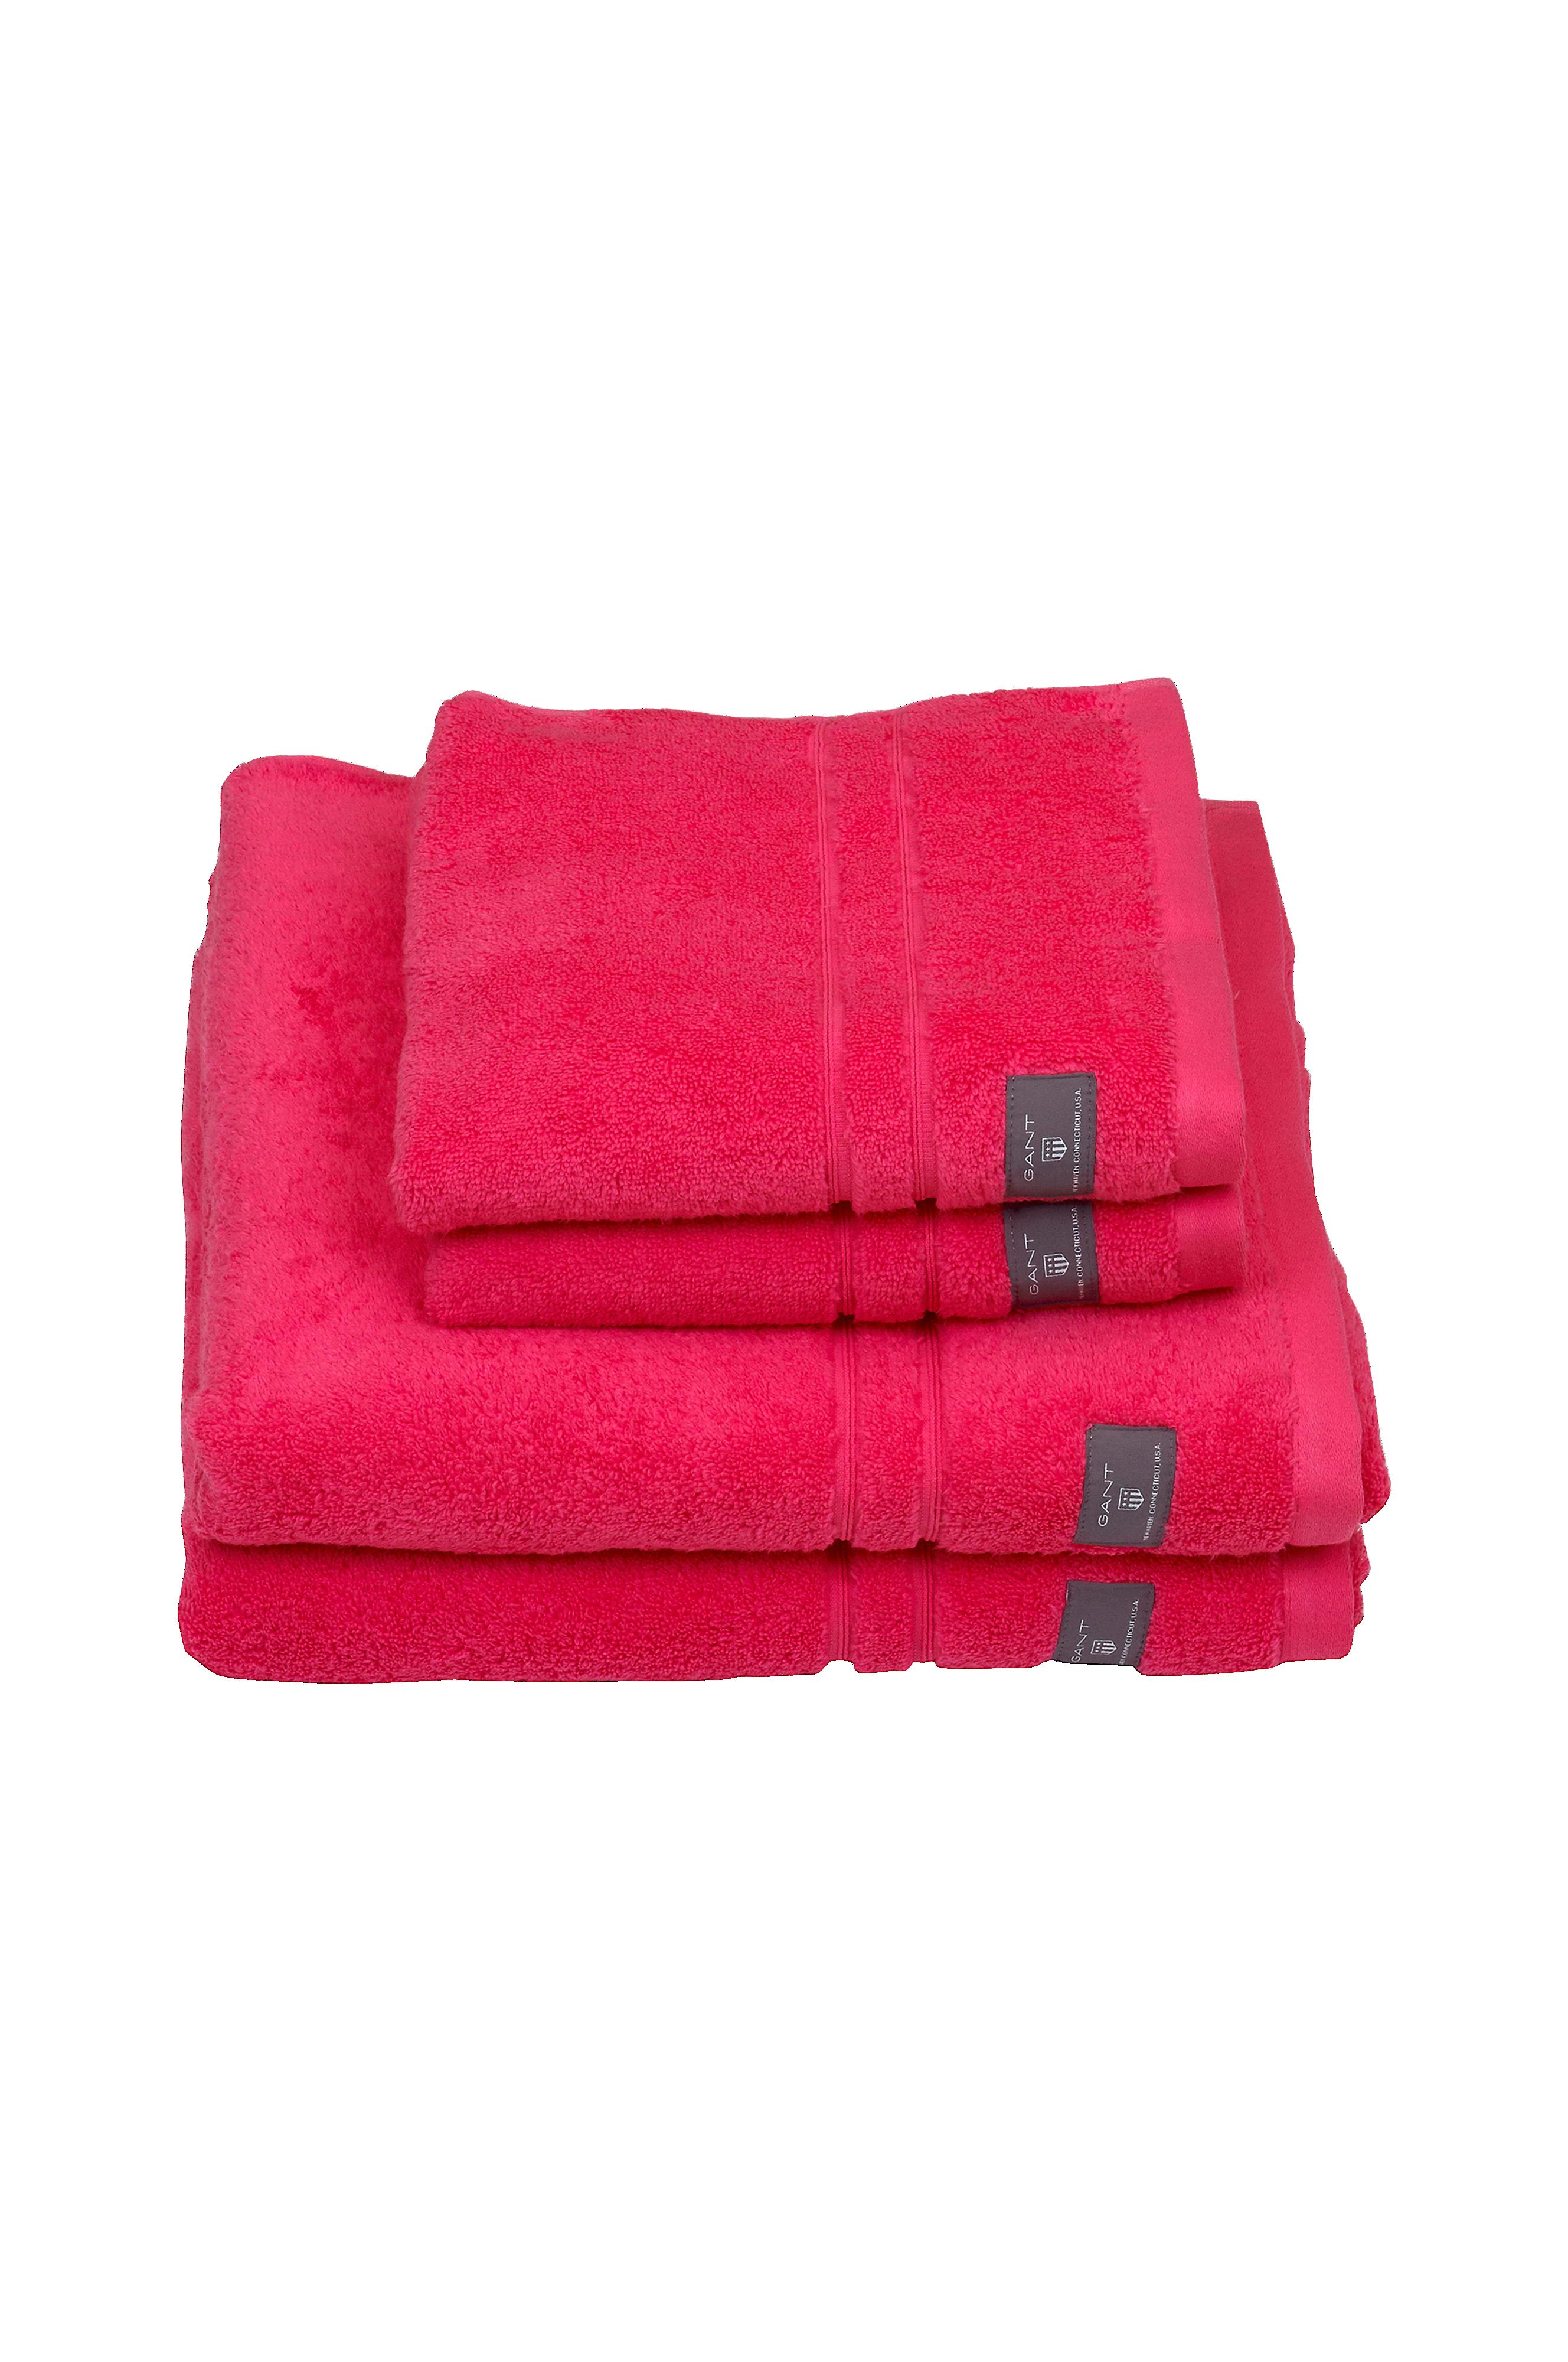 Bra bästa priserna i lager Gant Home Handduk Premium Terry Towel - Rosa - Hem & inredning ...